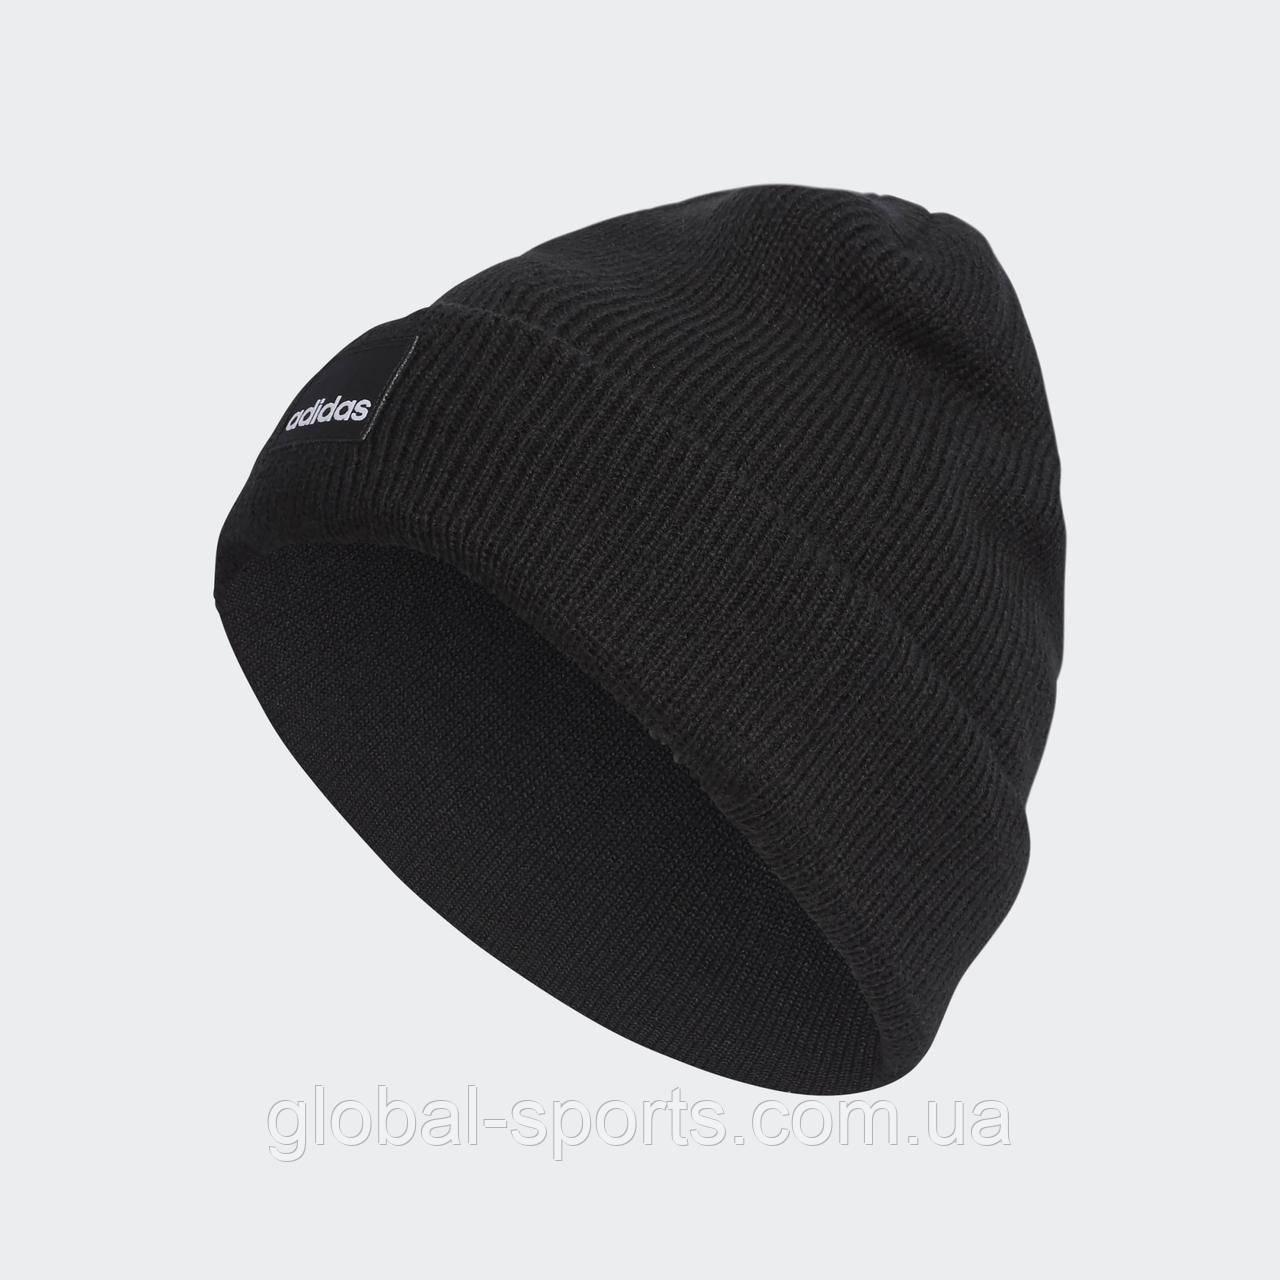 Шапка Adidas Performance Beanie(Артикул:DM6617)